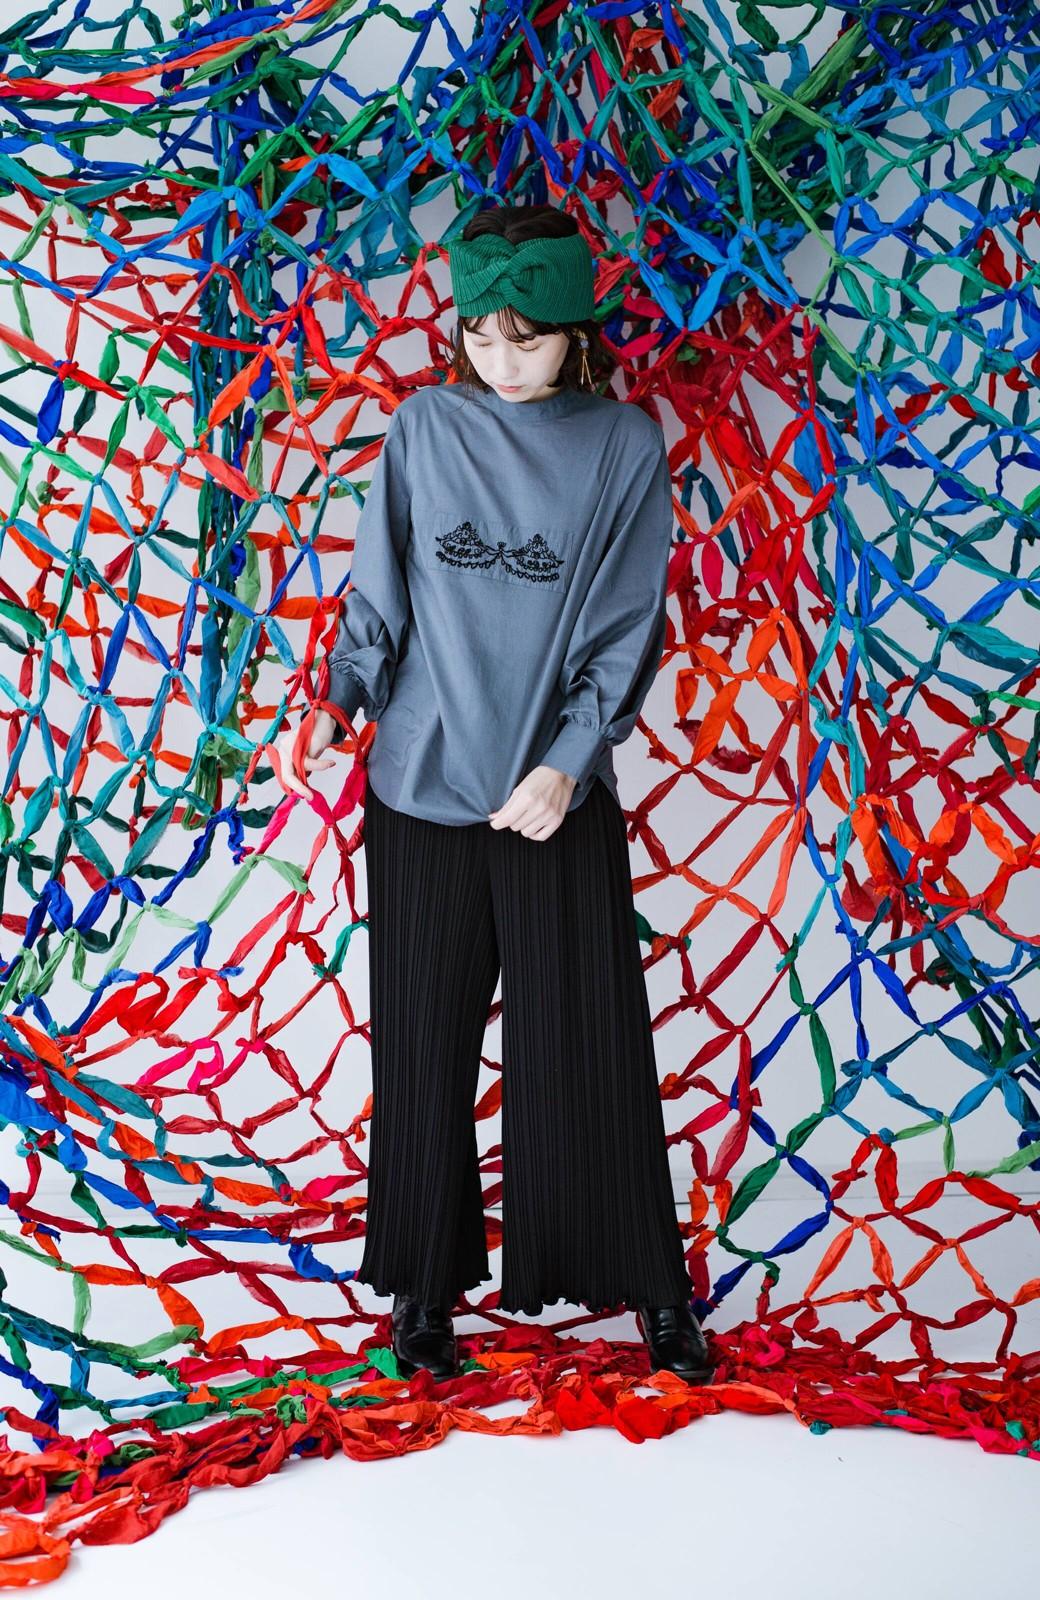 haco! 上品な刺繍がまるでレースのよう オーガニックコットンの袖ぽんわりブラウス from Stitch by Stitch <グレイッシュブルー>の商品写真12